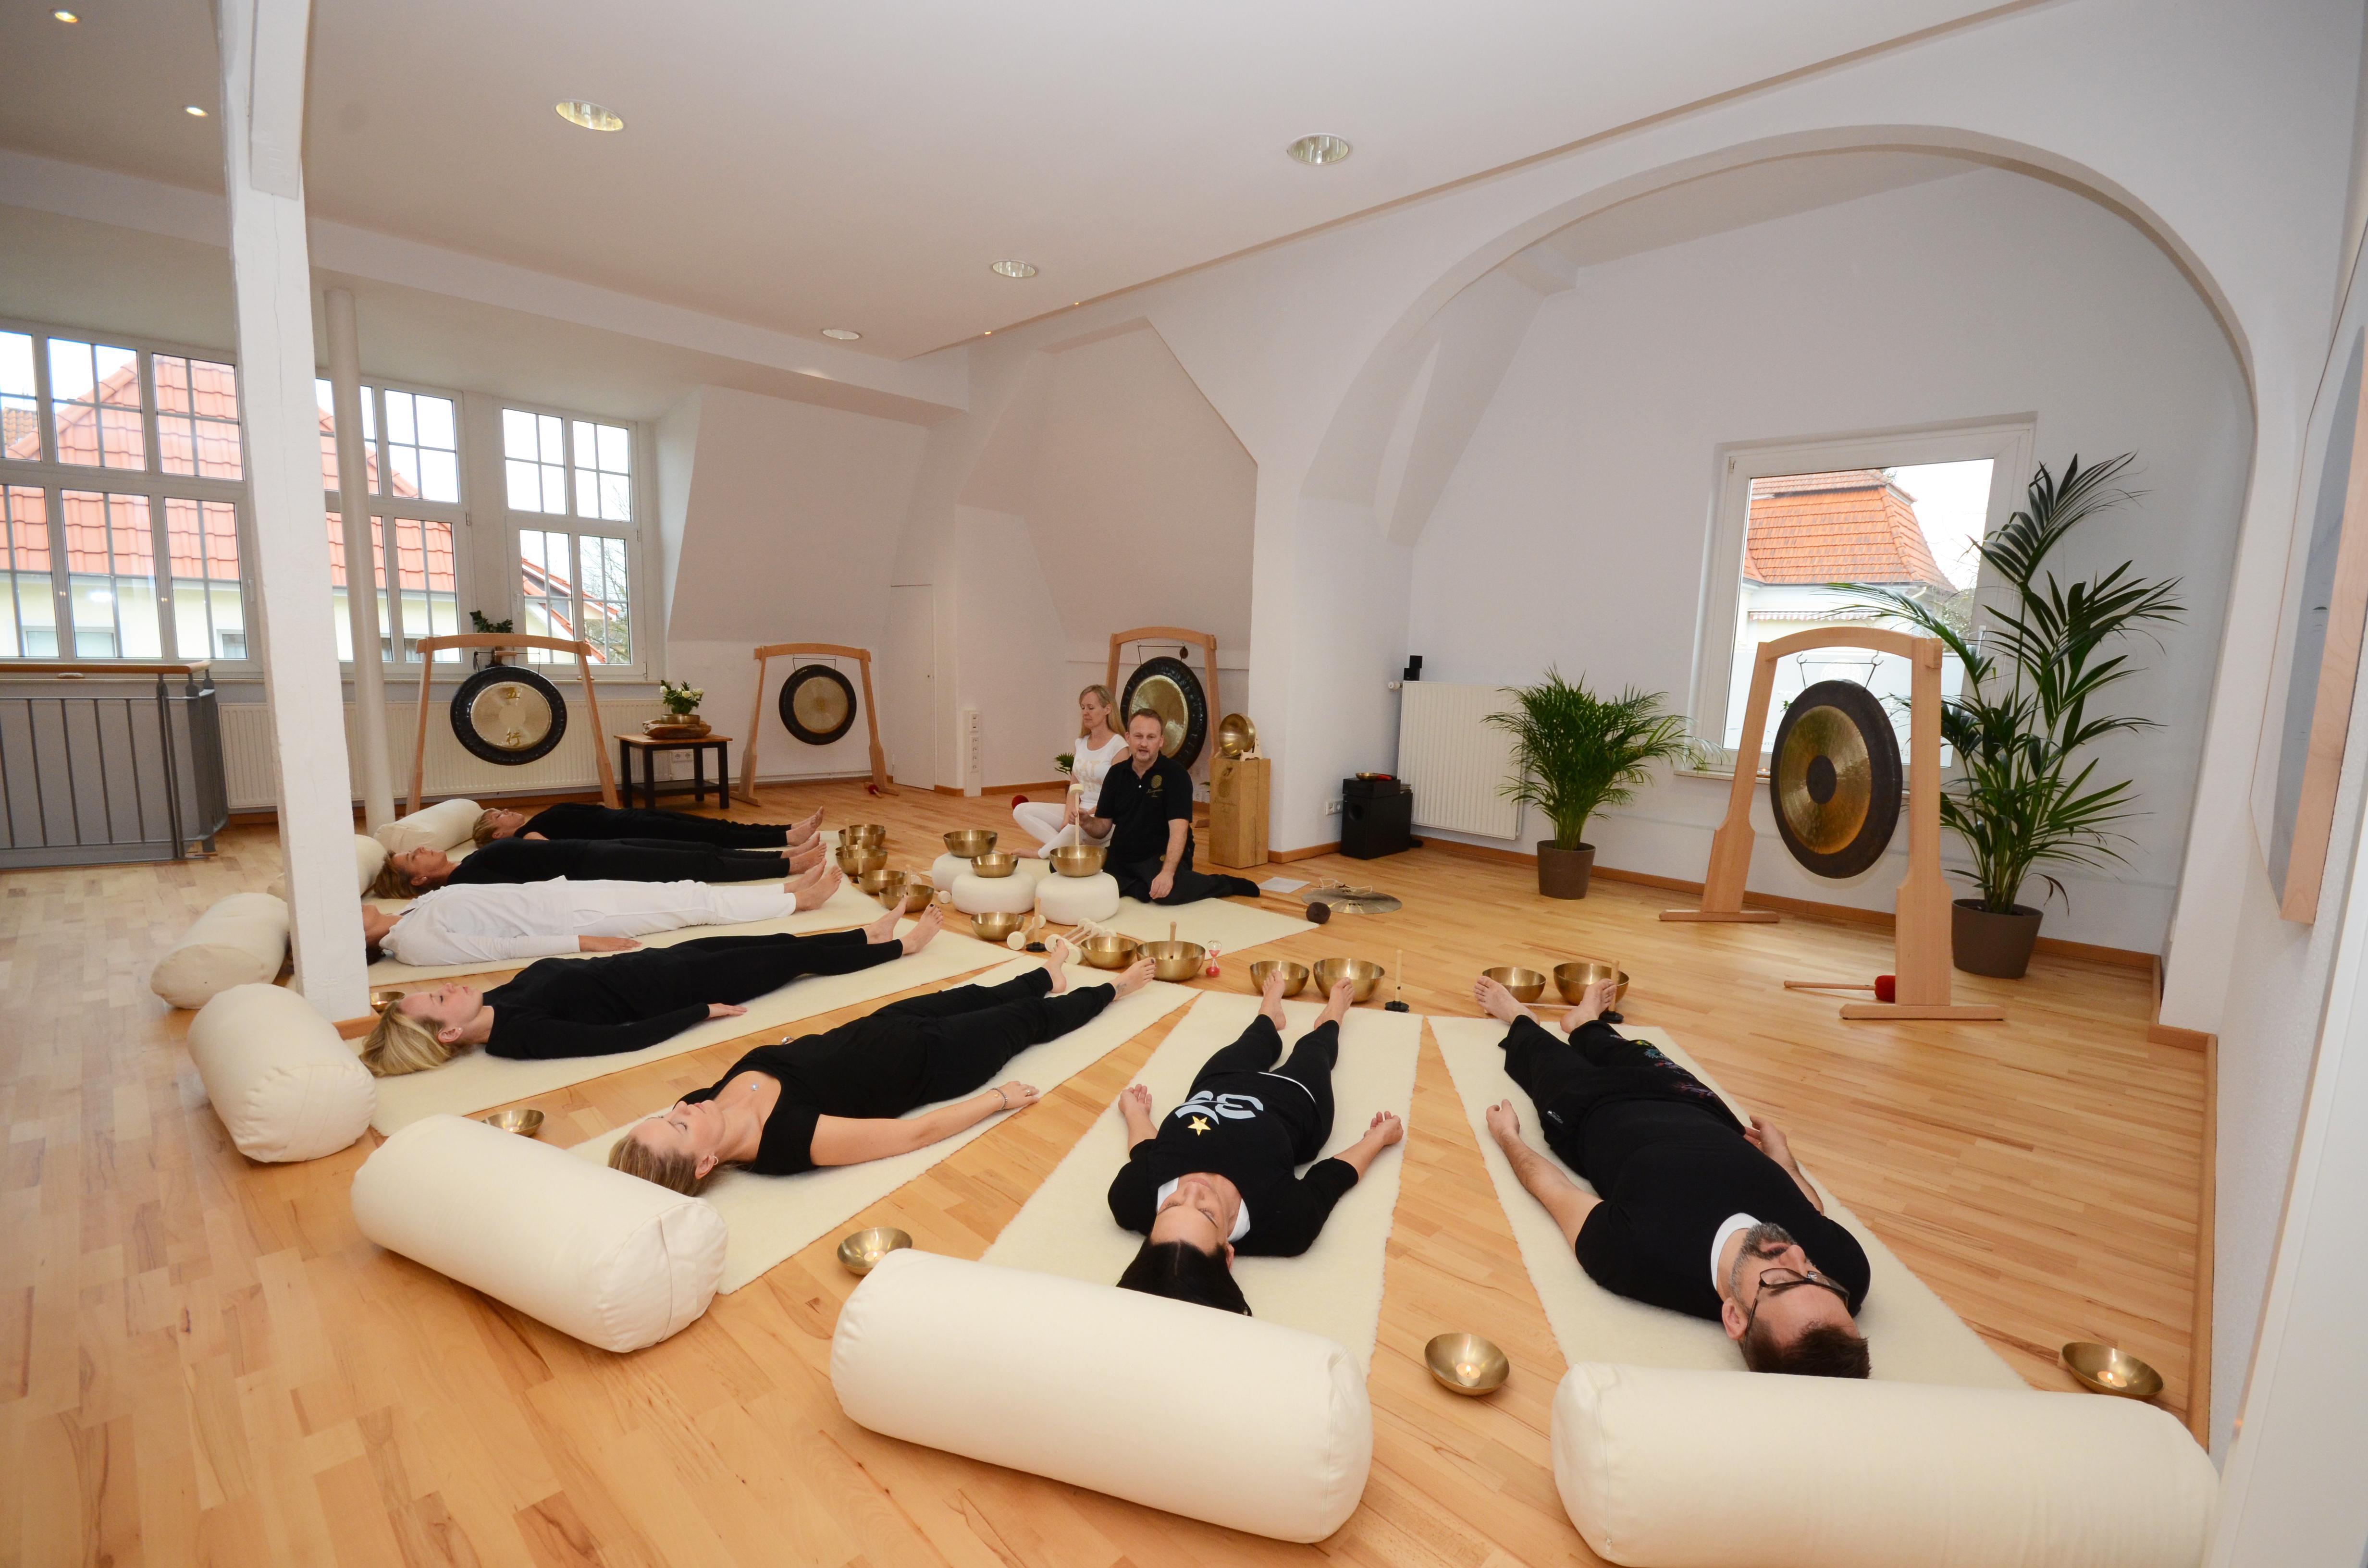 Yin Yoga & Klang - Home of Yoga